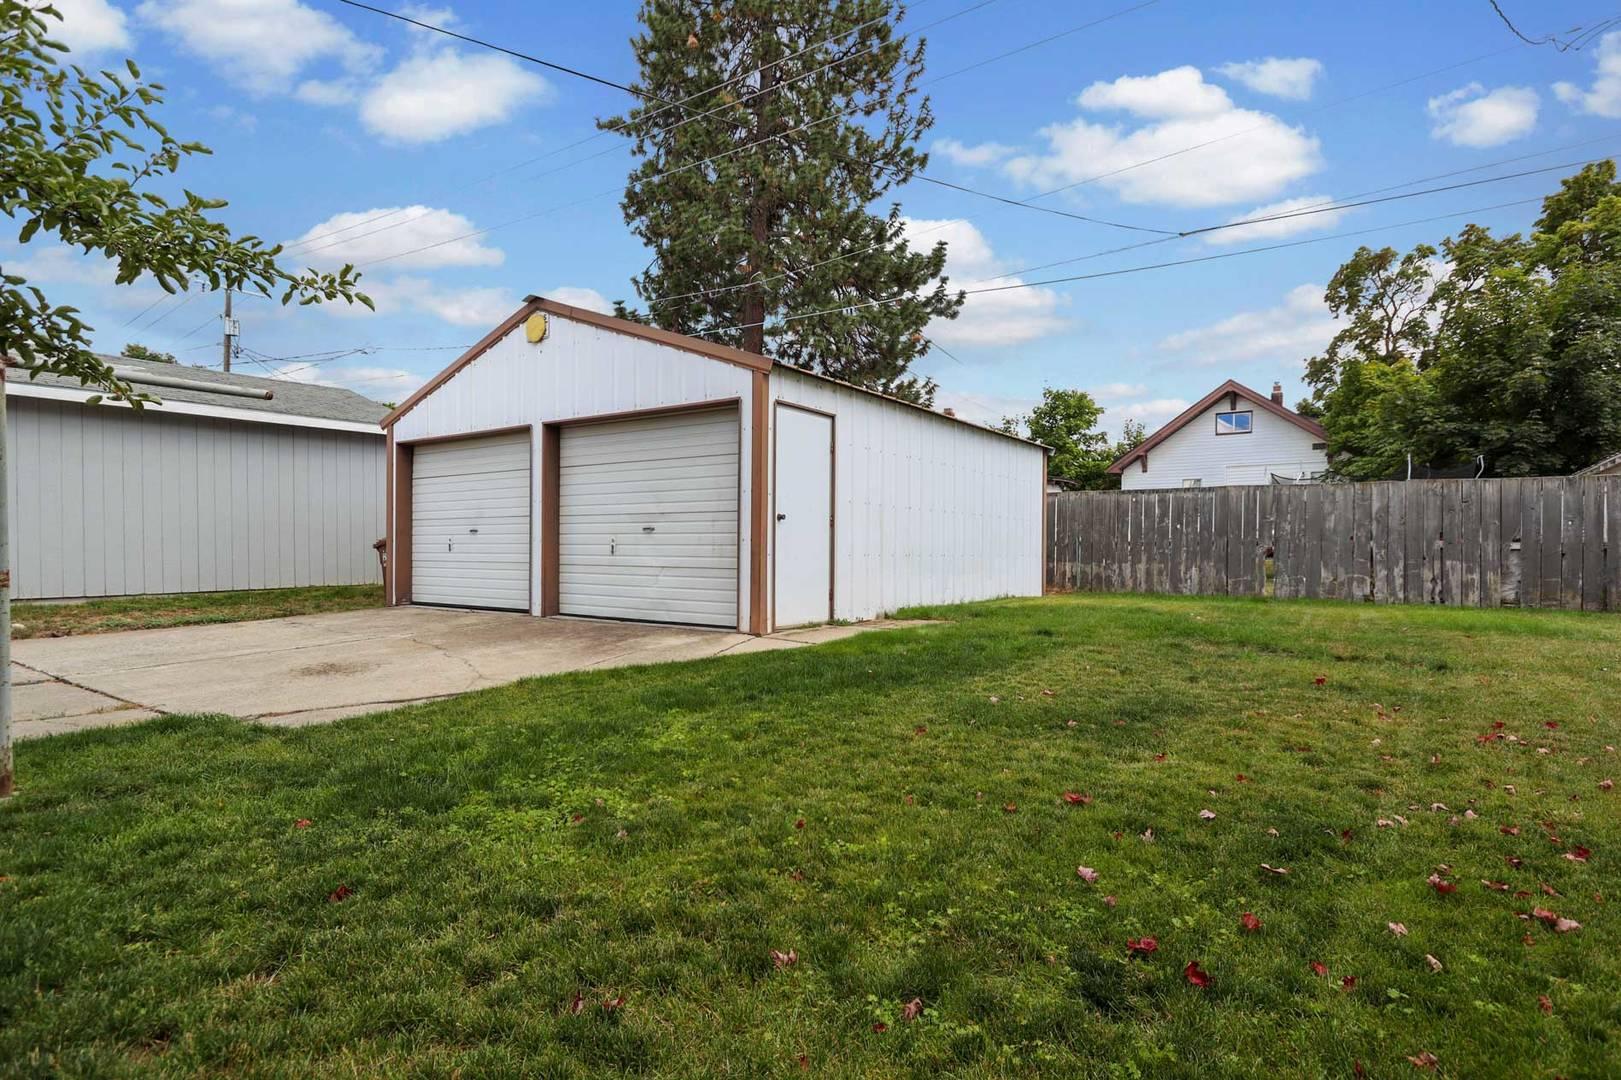 714 E 31st Ave Spokane, WA 99203